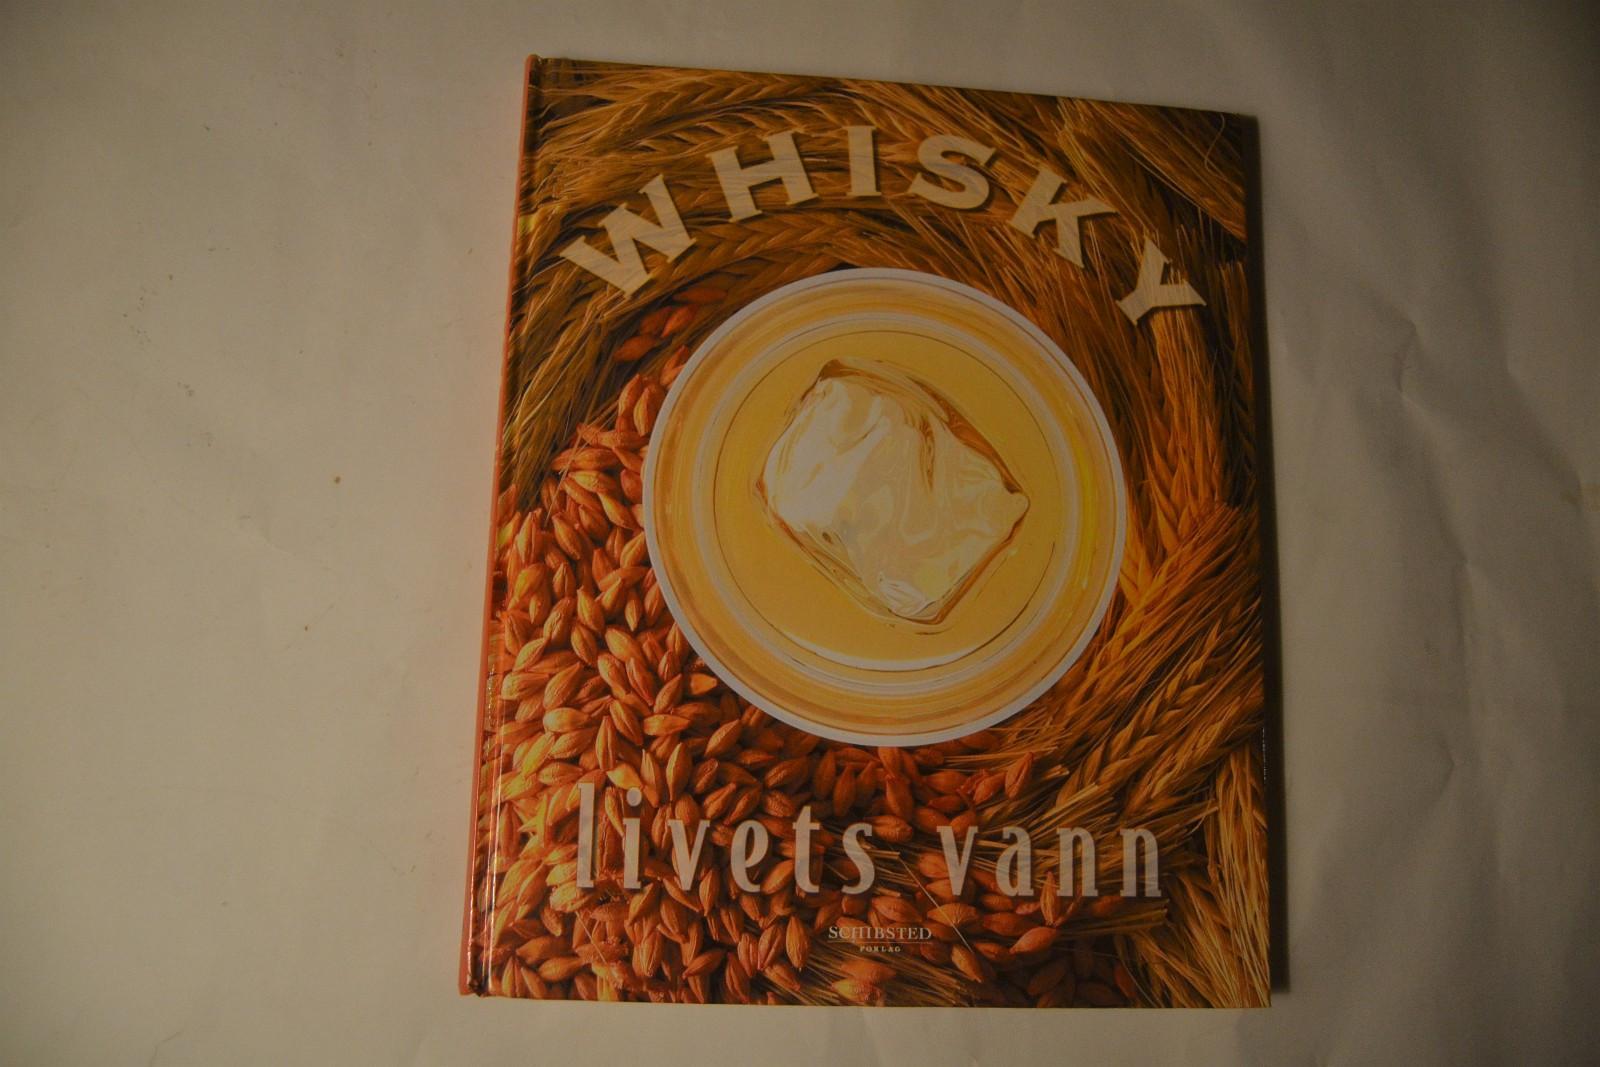 Whisky - livets vann - Nykirke  - Selger pent ekemplar av Whisky - livets vann. ISBN 82-516-1876-2. Utgitt av Schibsted Forlag 2001. - Nykirke